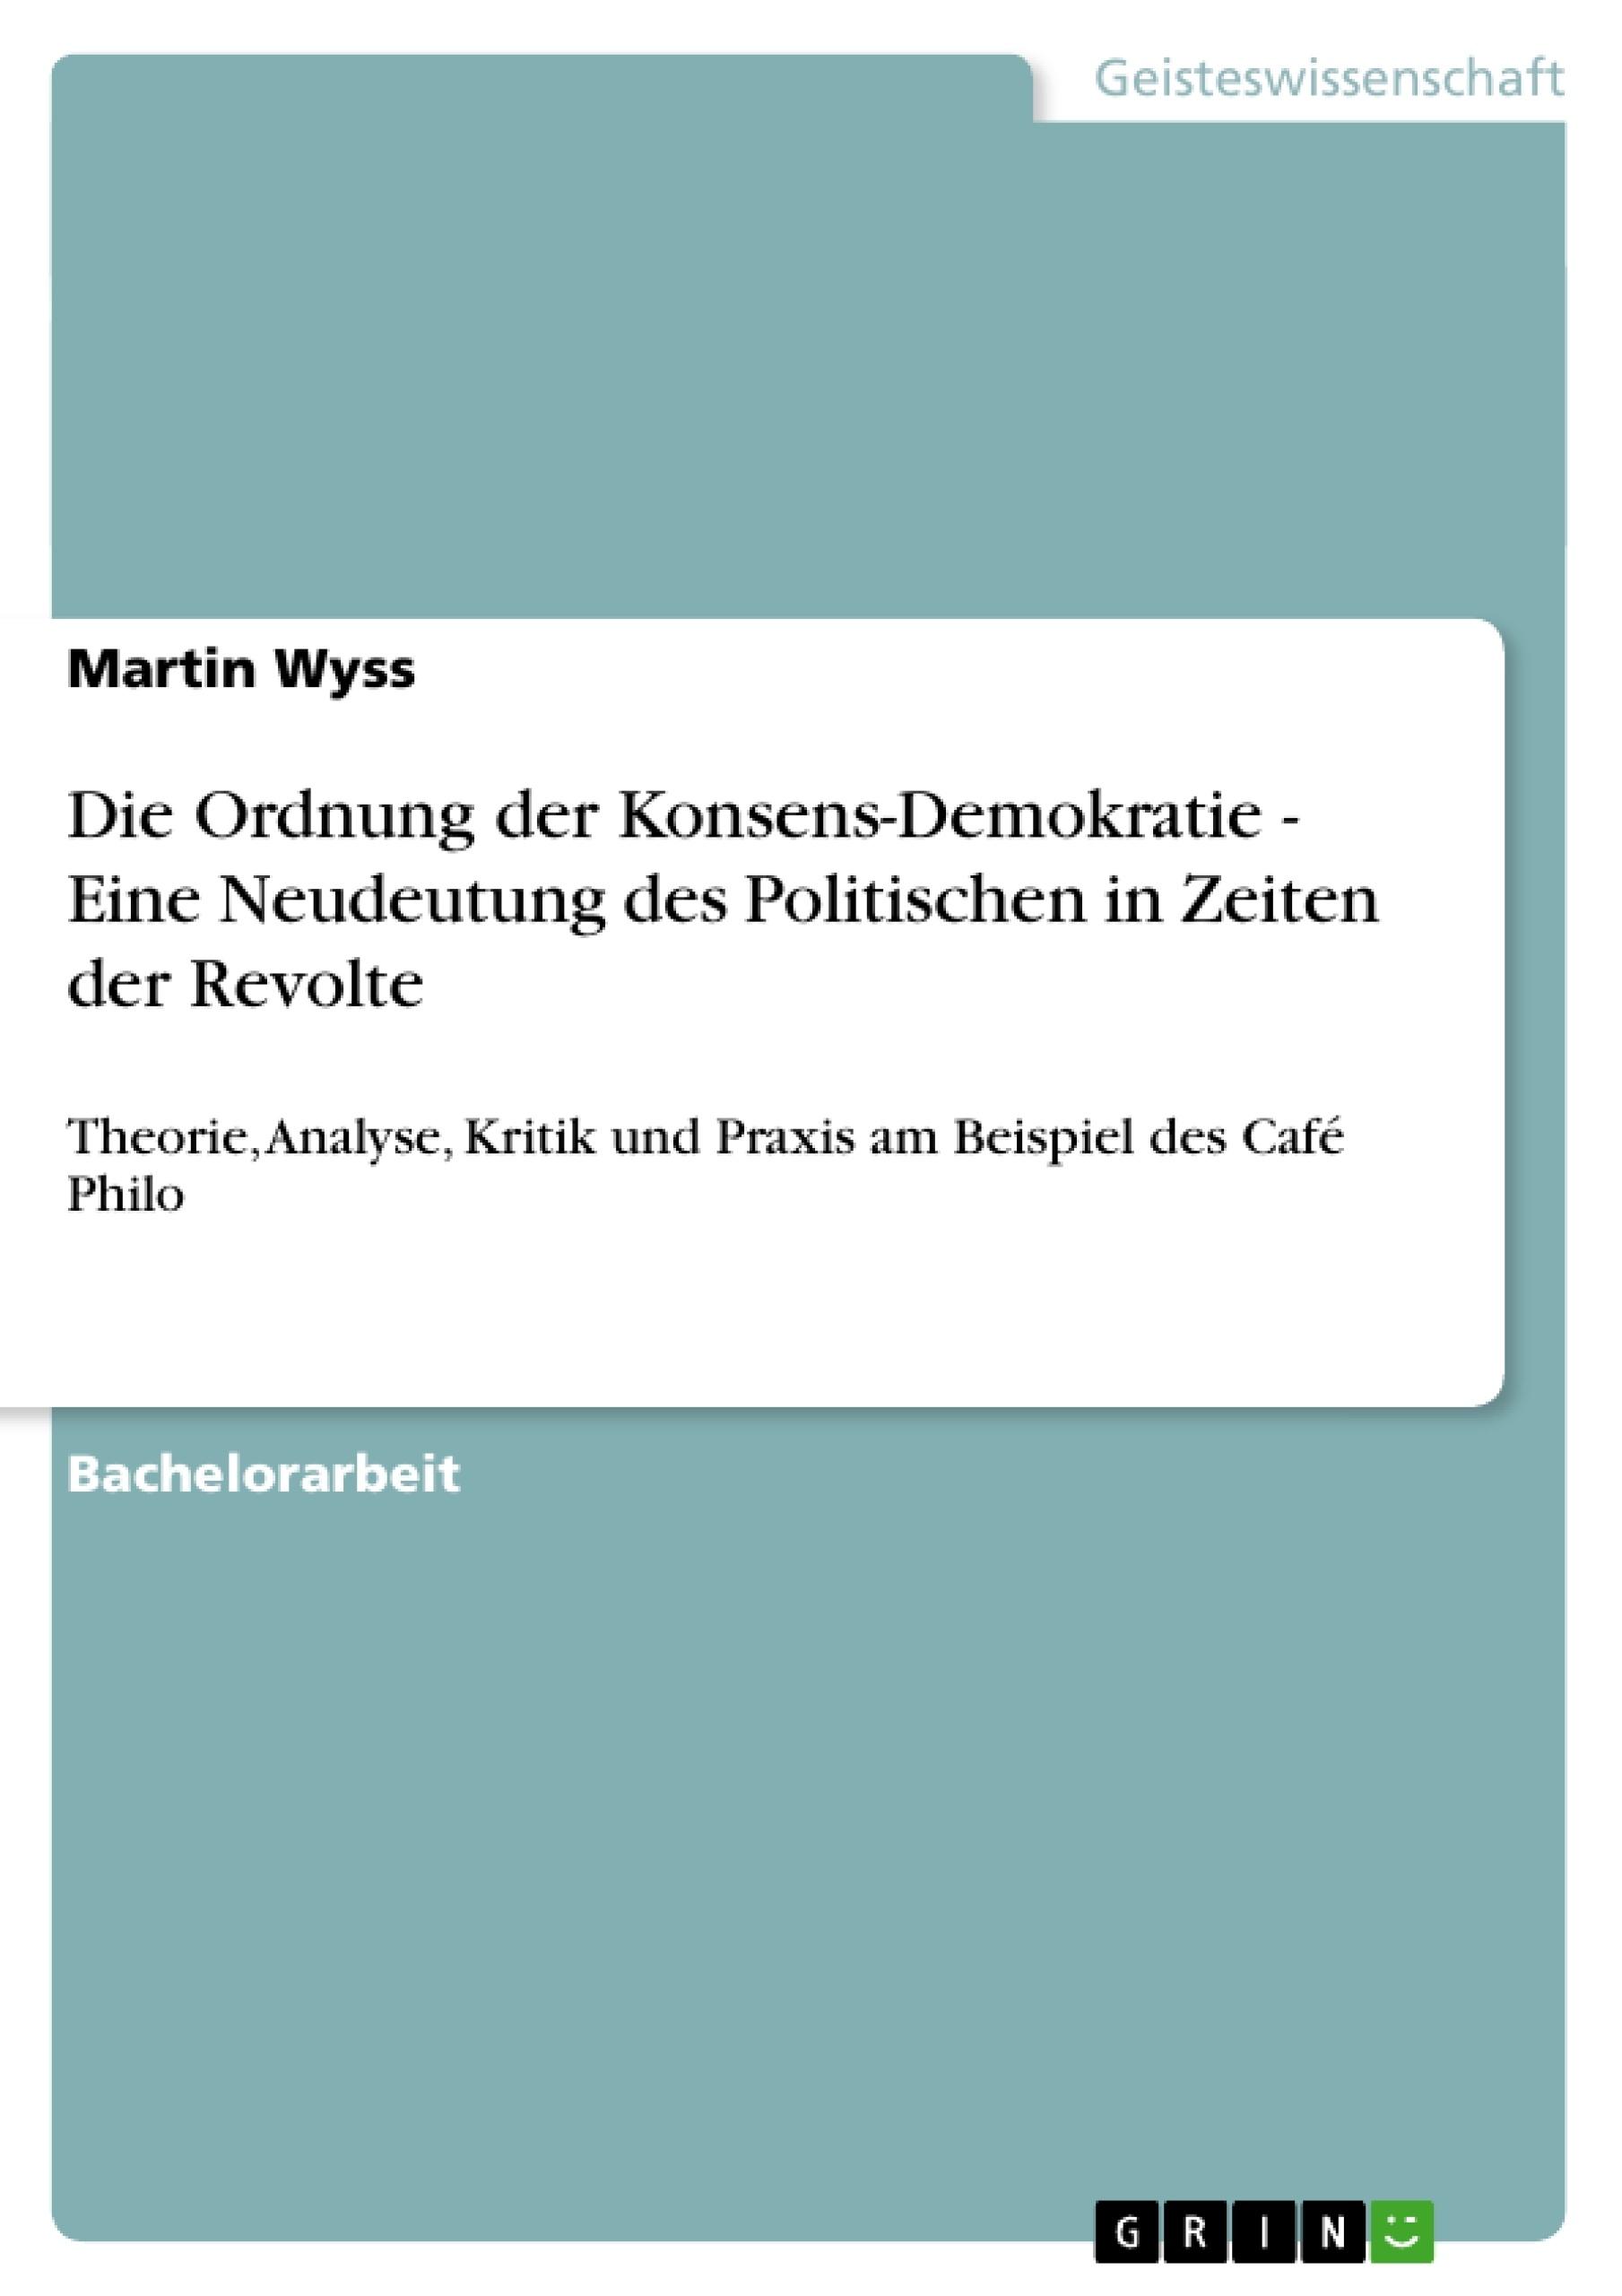 Titel: Die Ordnung der Konsens-Demokratie - Eine Neudeutung des Politischen in Zeiten der Revolte